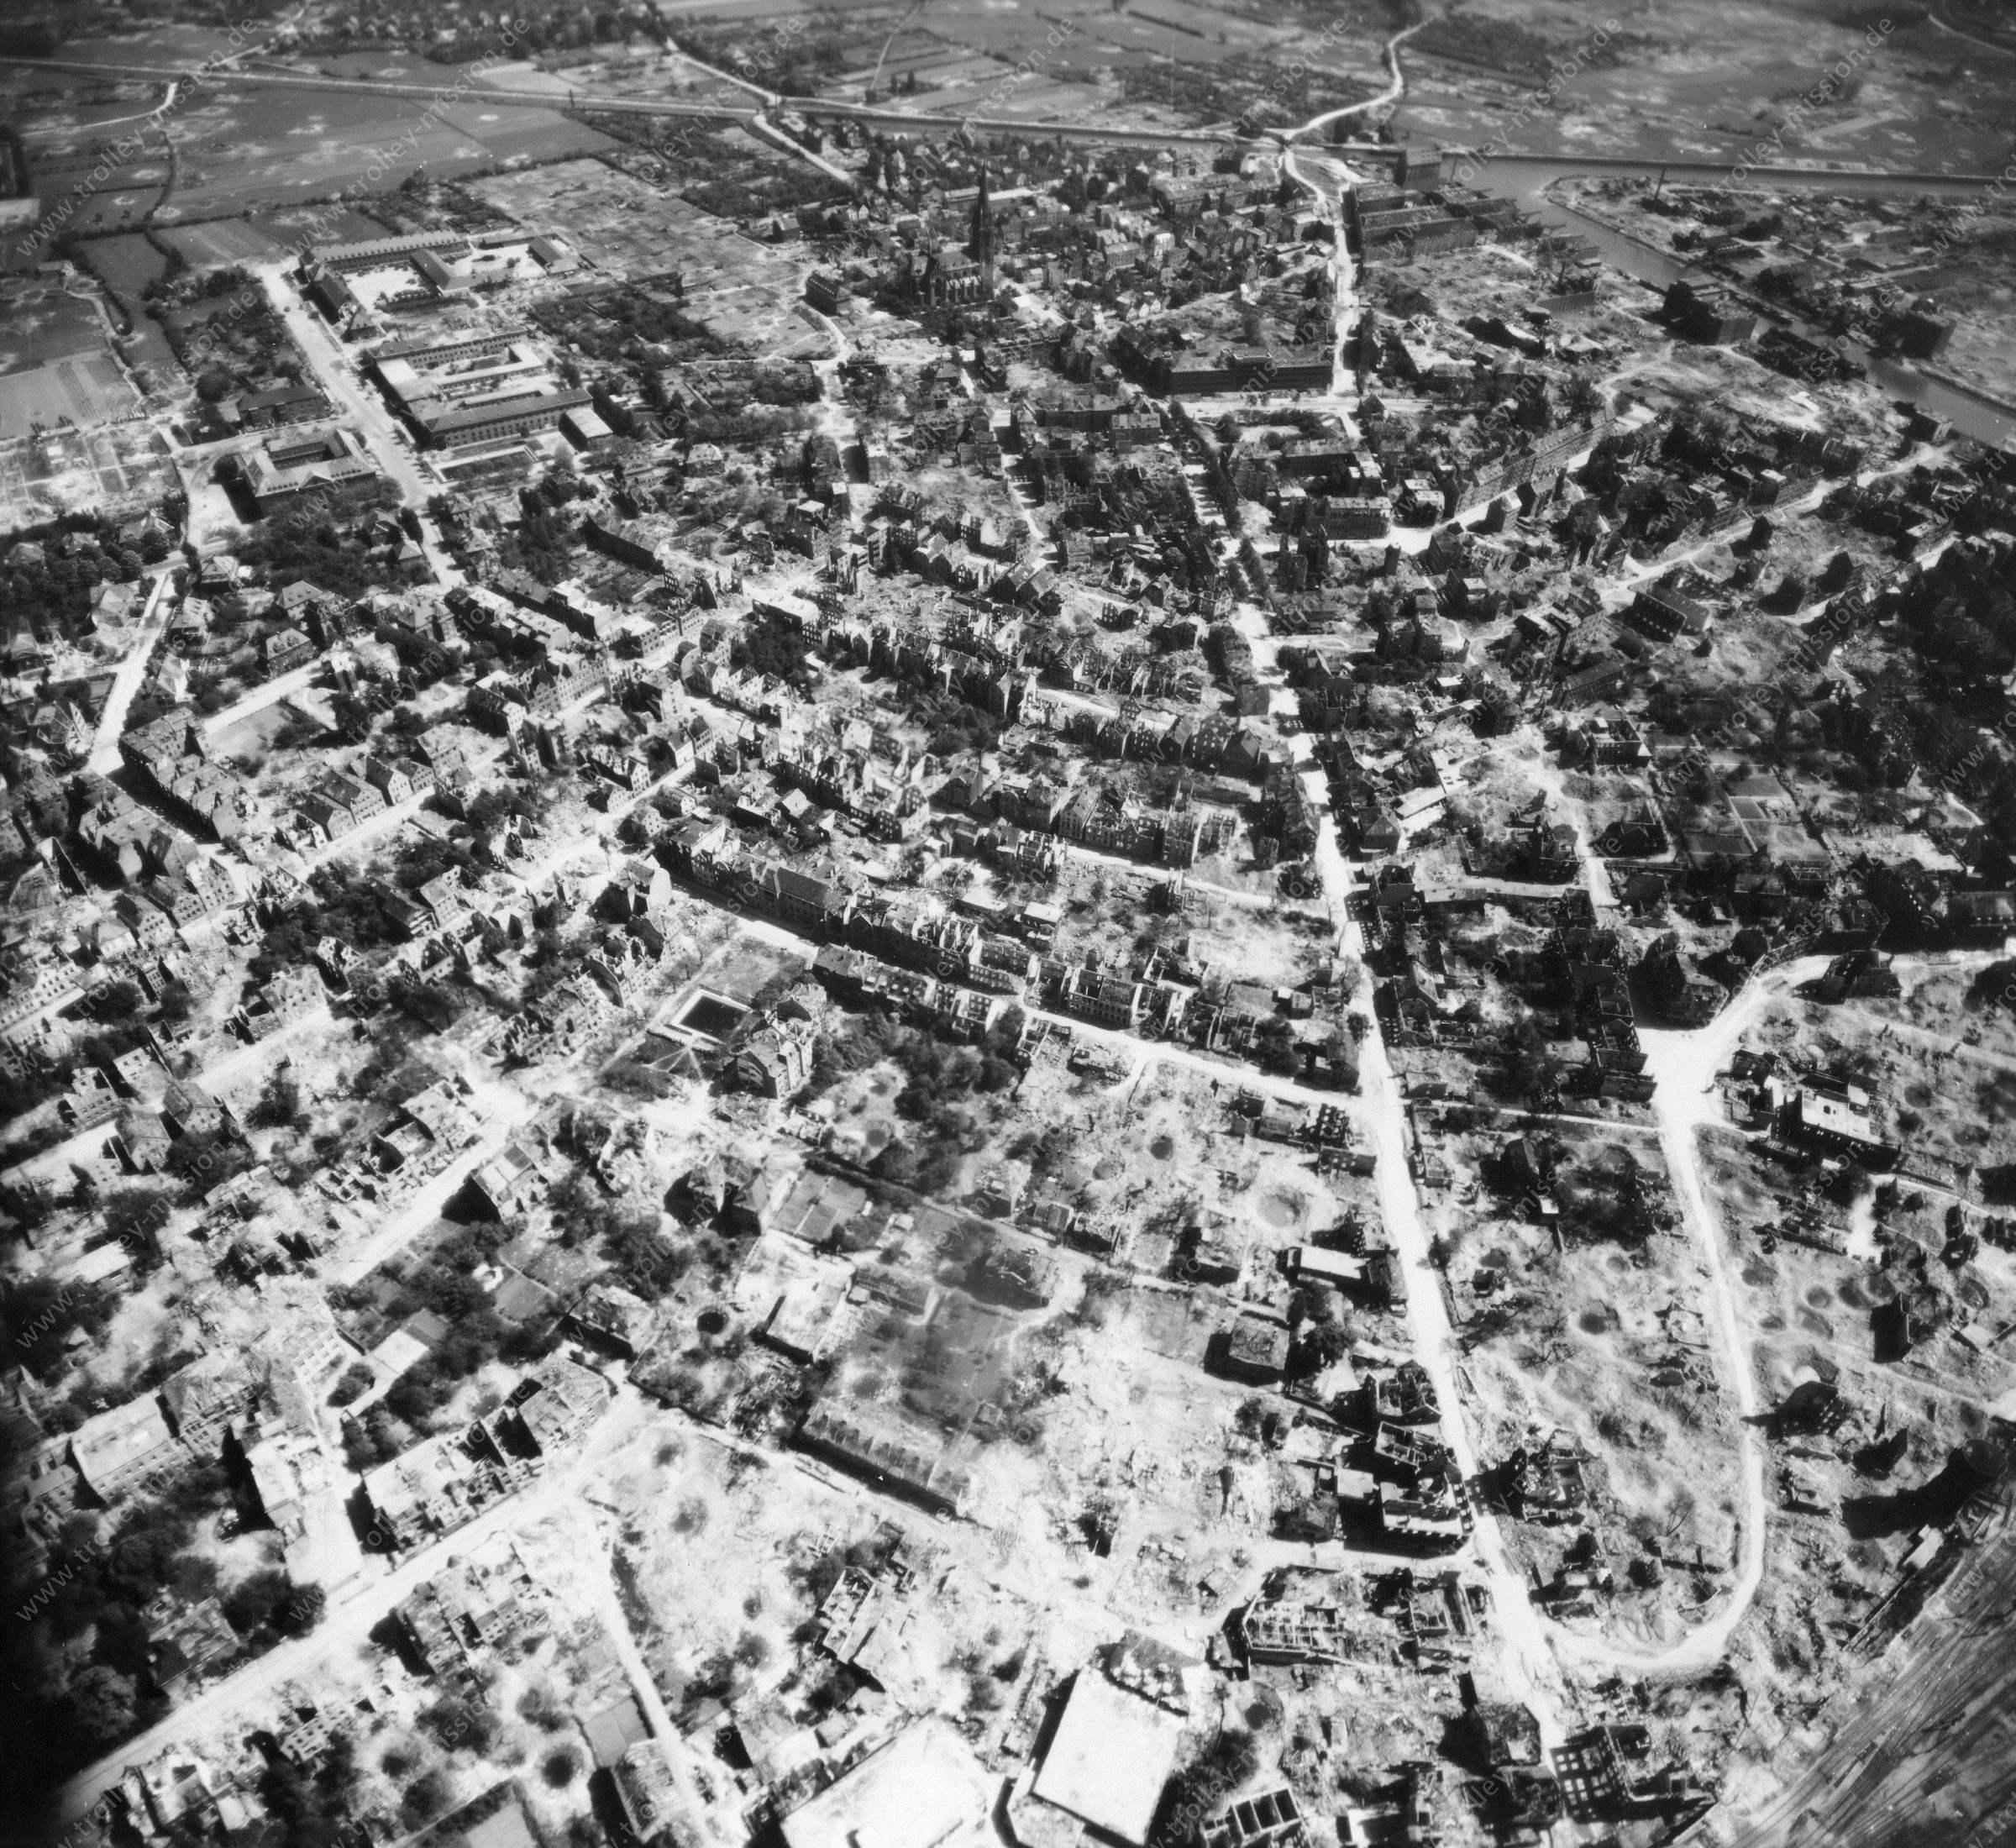 Luftbild von Münster am 12. Mai 1945 - Luftbildserie 10/11 der US Air Force